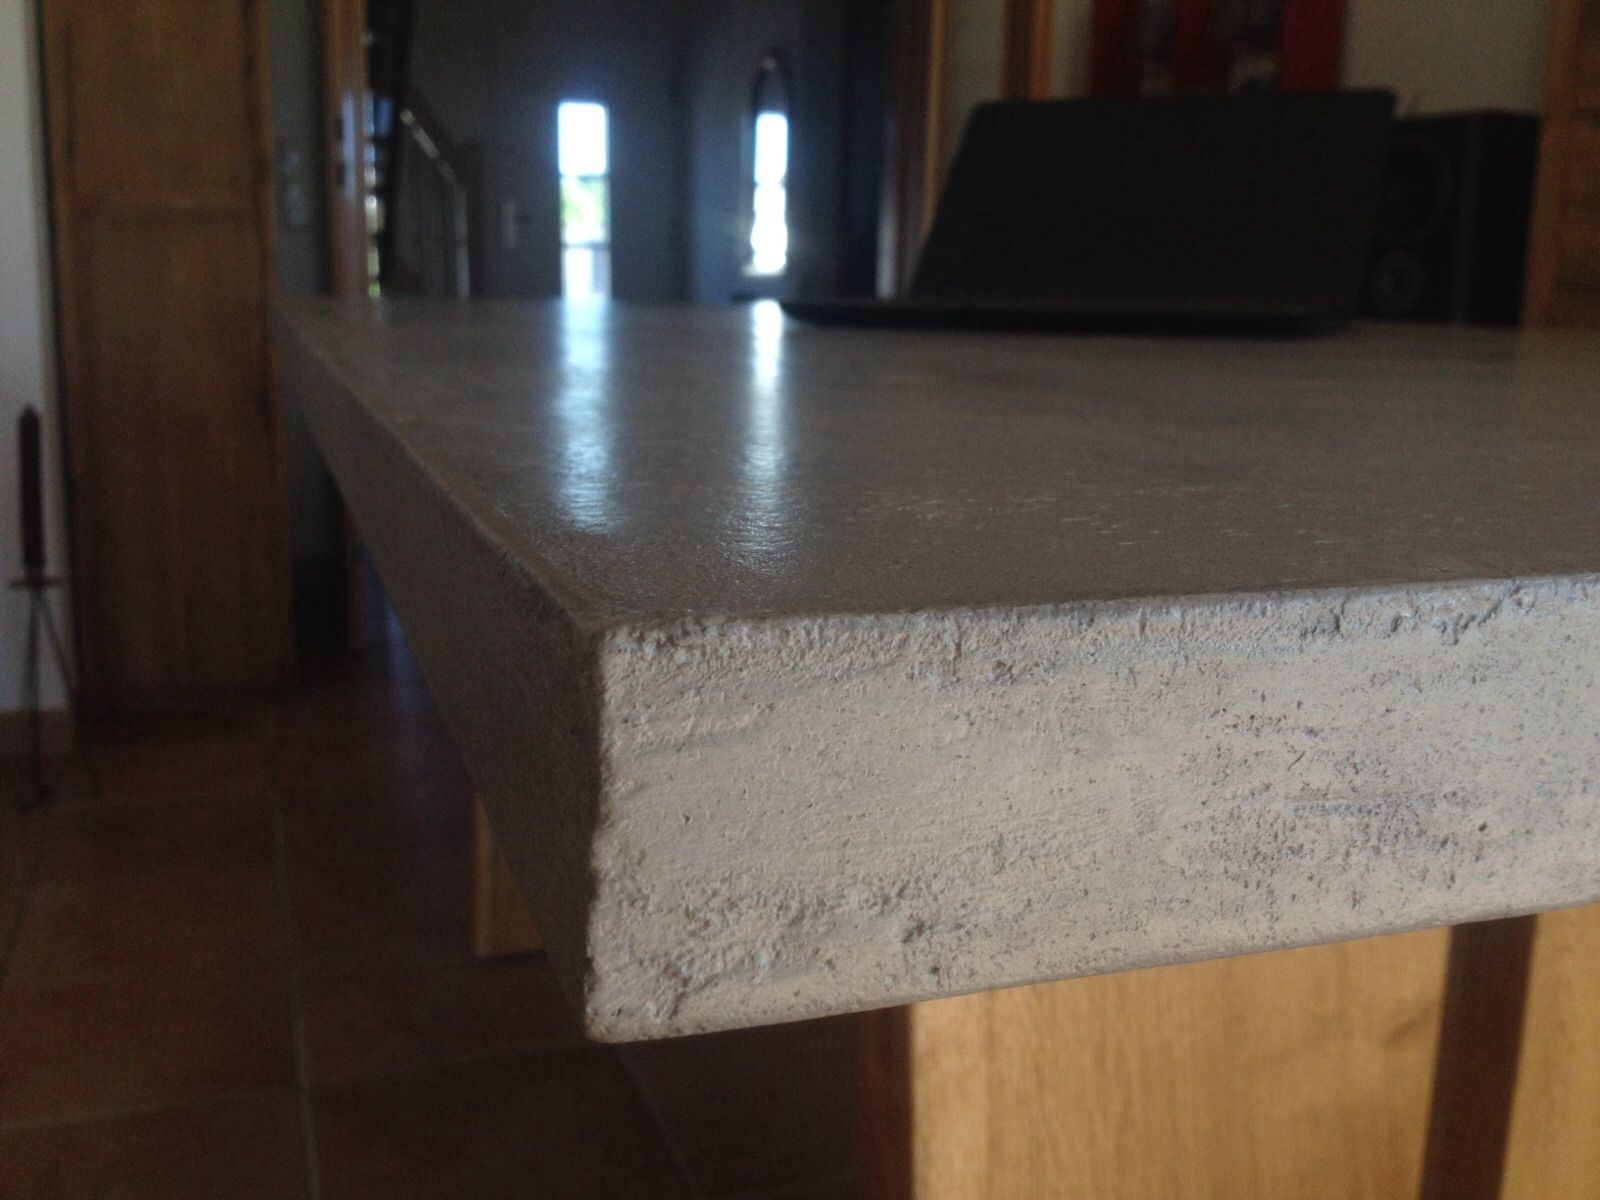 Beton cire tisch table fugenlos esszimmertisch betonoptik bodenbelag betonoptik und beton cire - Esszimmertisch betonoptik ...